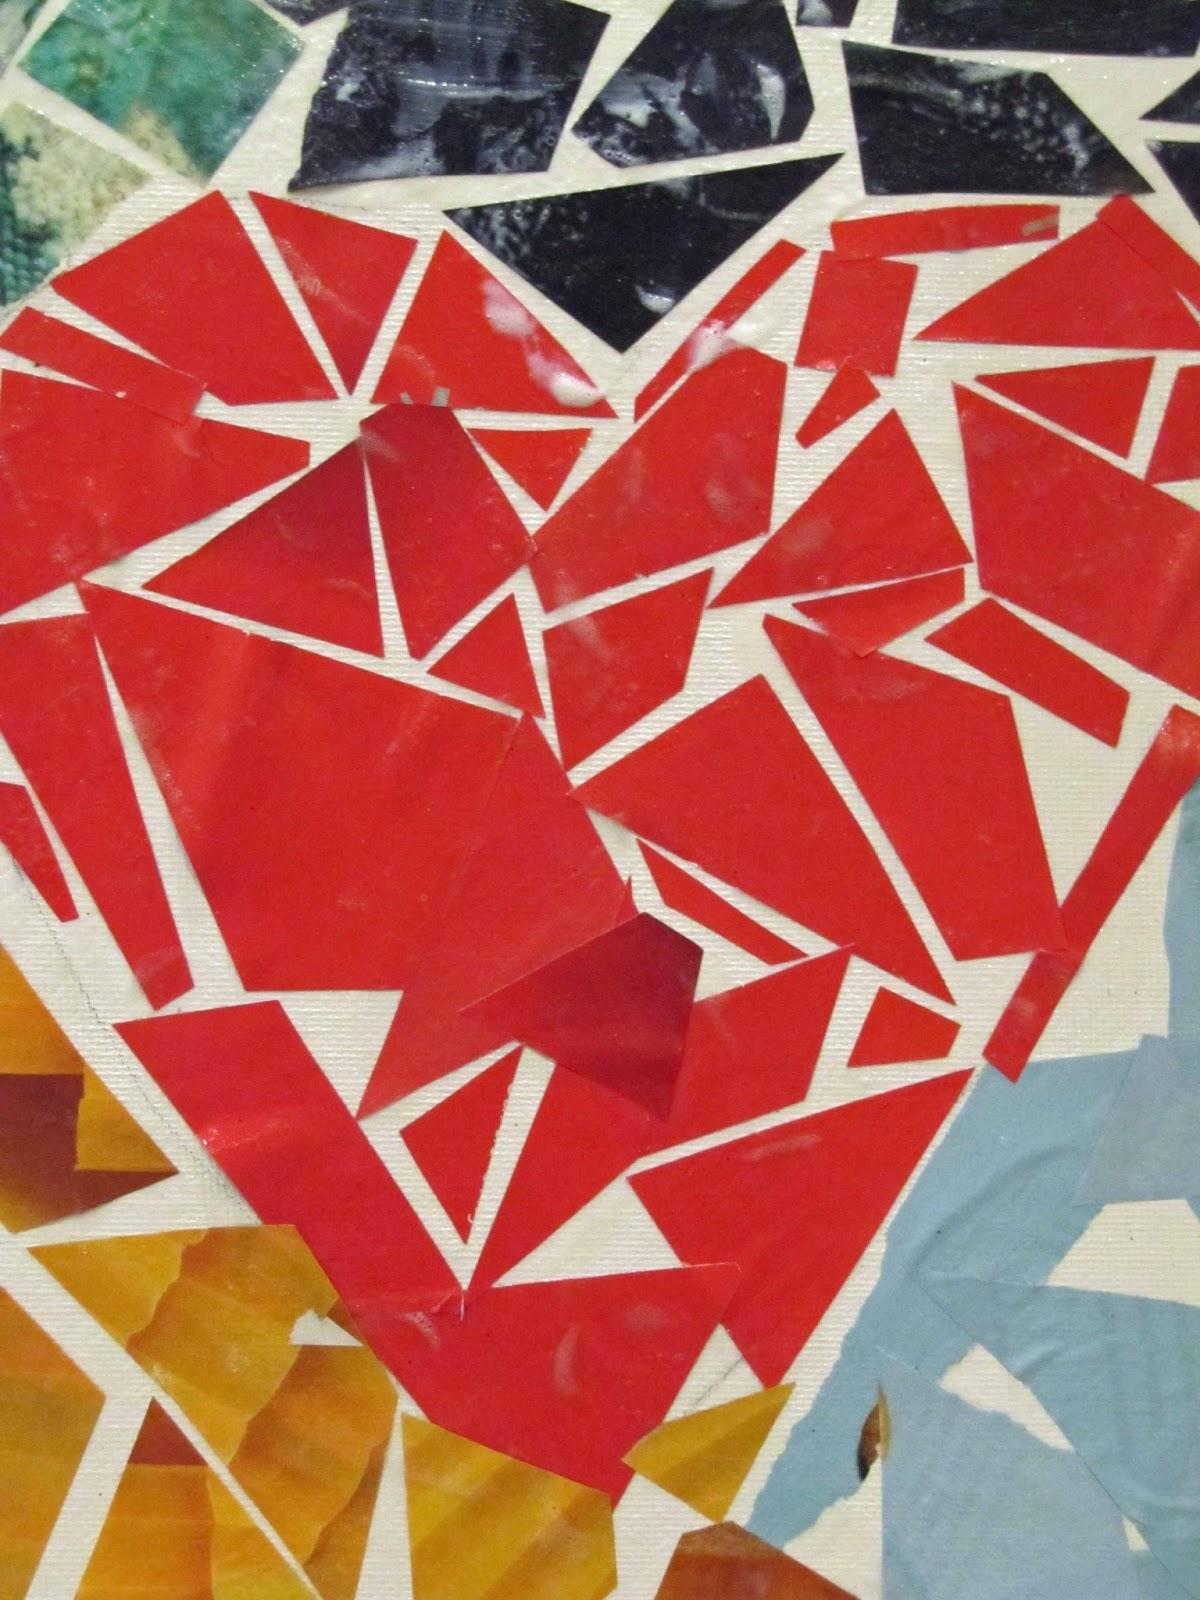 Preschool craft ideas for valentines day - Easy Valentine S Day Craft